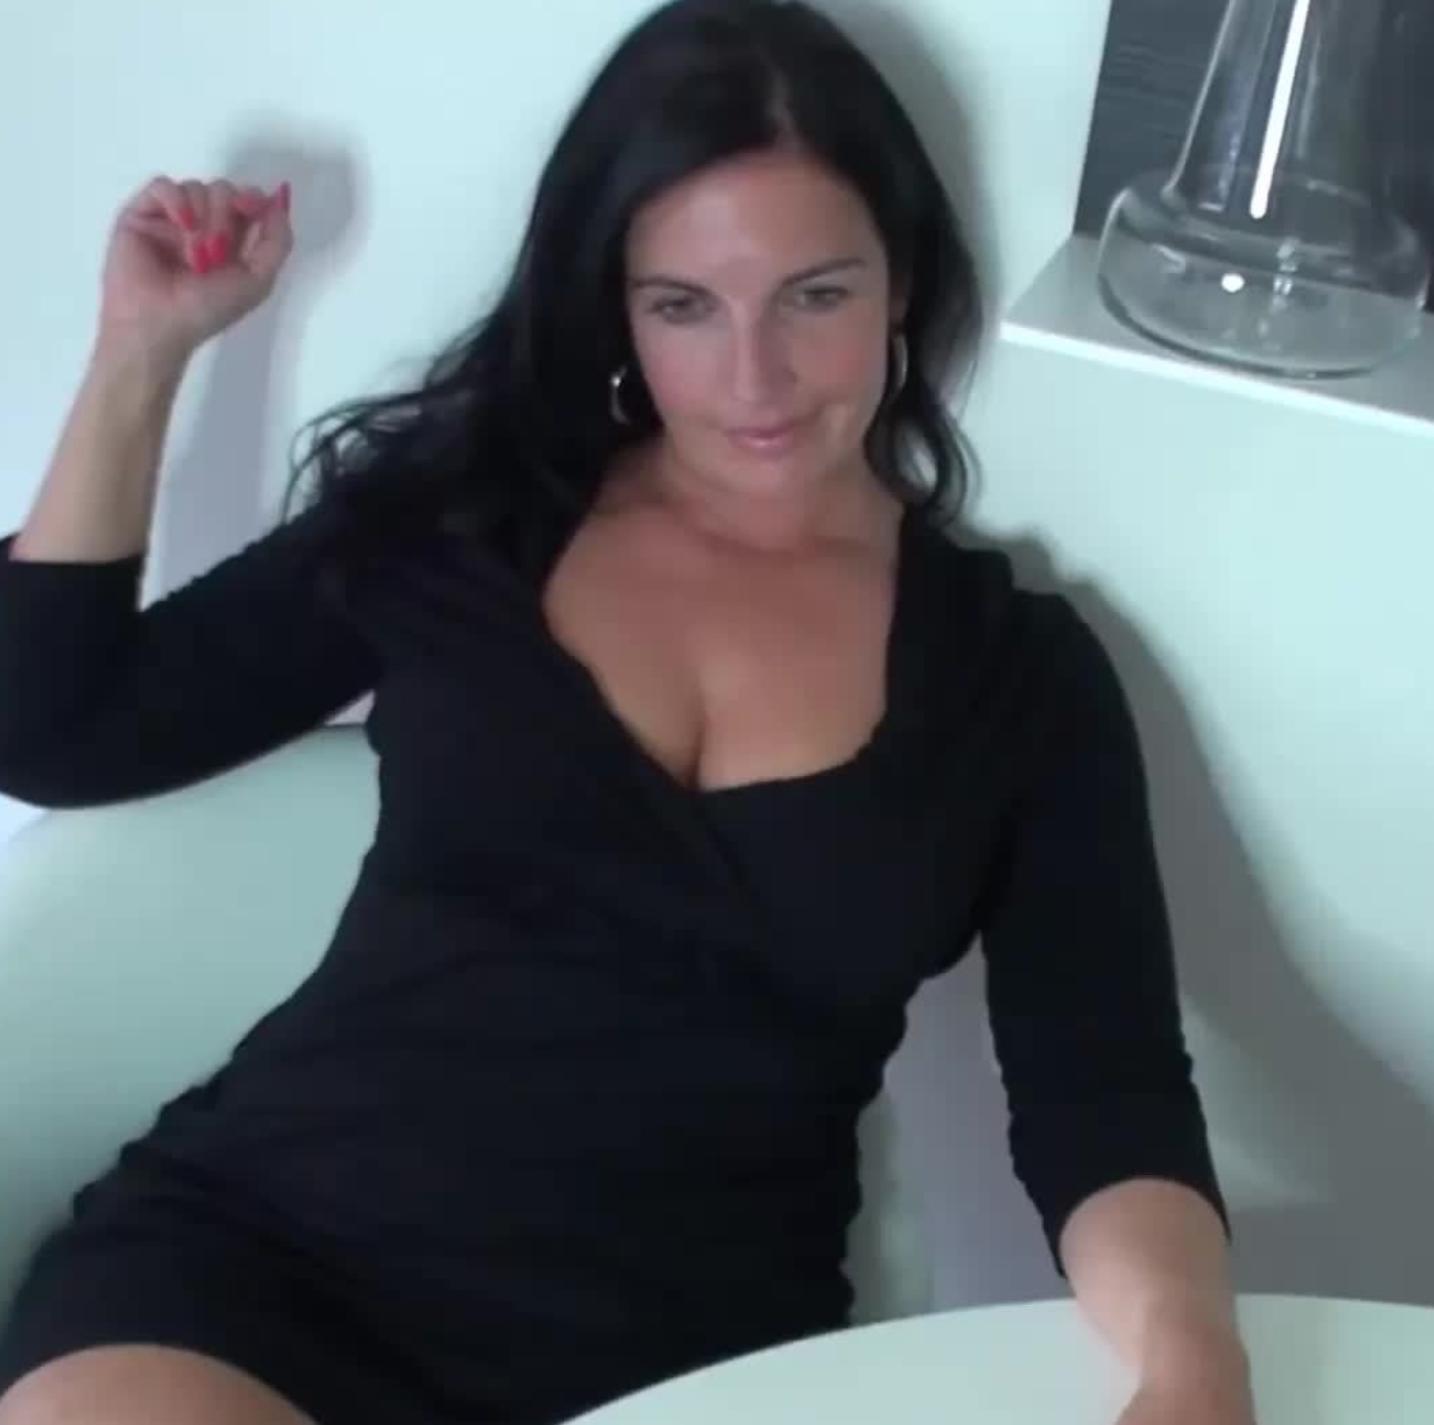 Sunnys Dark Desires: Sunnys Favourit Videos 172: Klixen